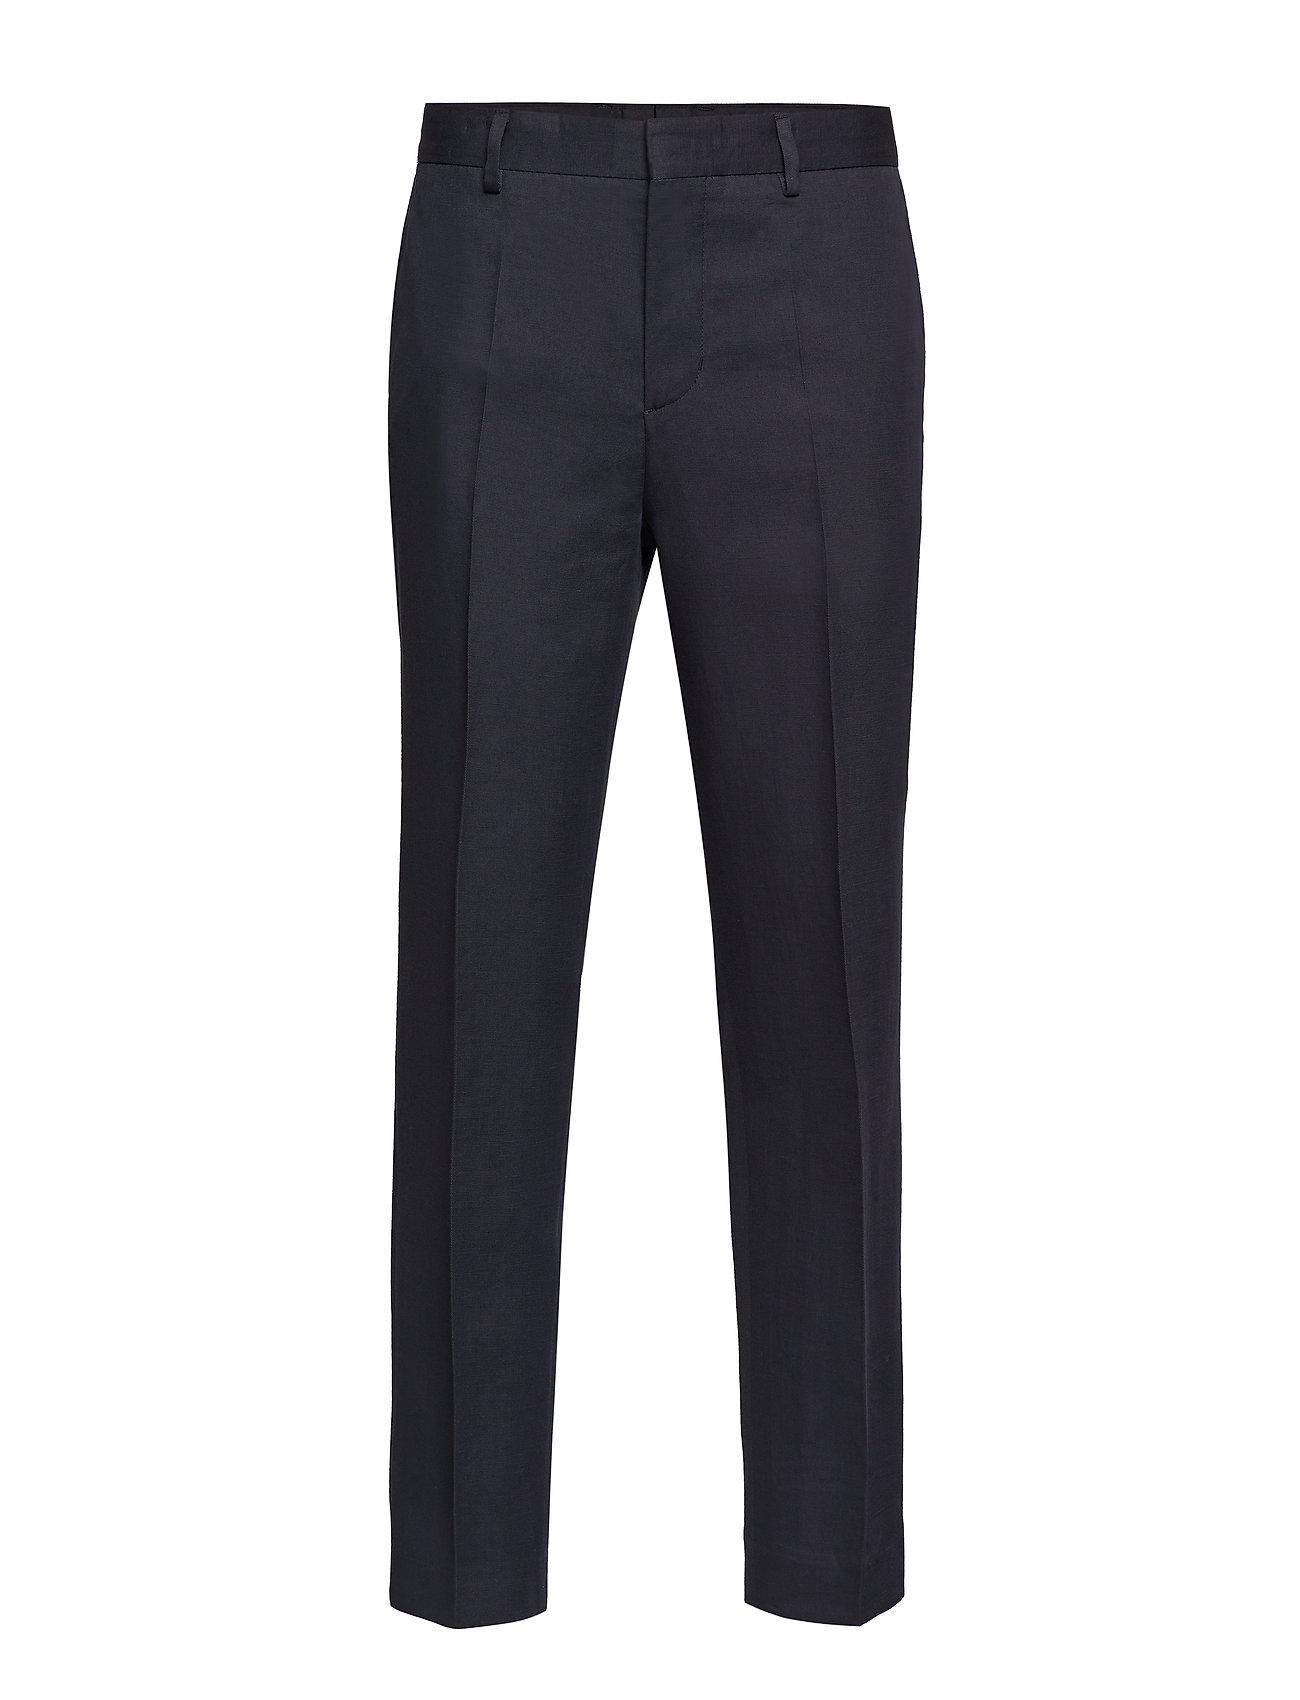 Image of M. Justin Drapey Linen Trouser Habitbukser Stylede Bukser Sort Filippa K (3190776159)